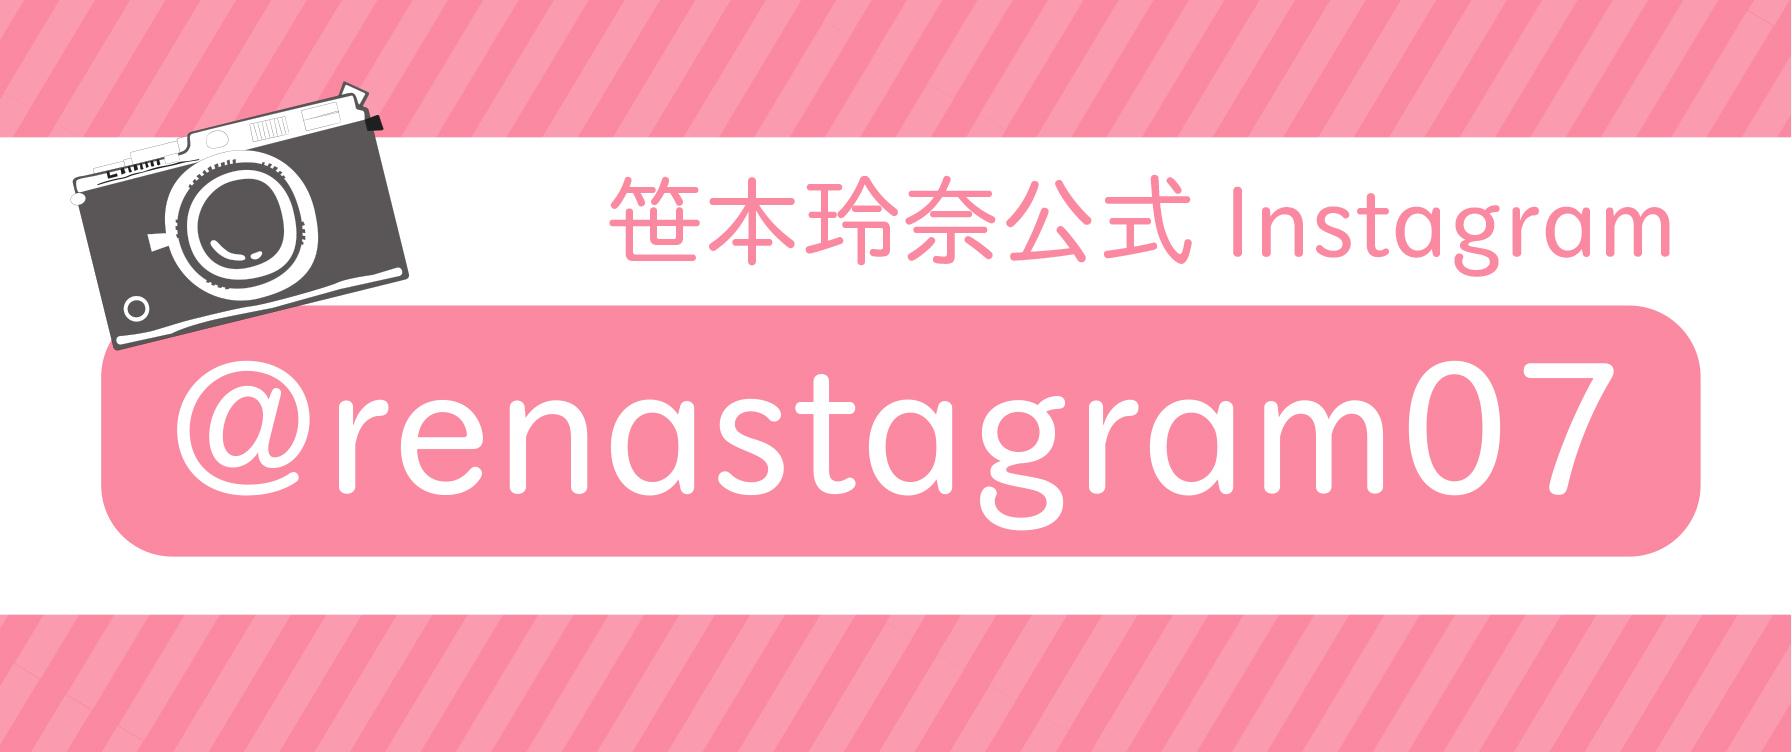 Instagram_bnr.jpg